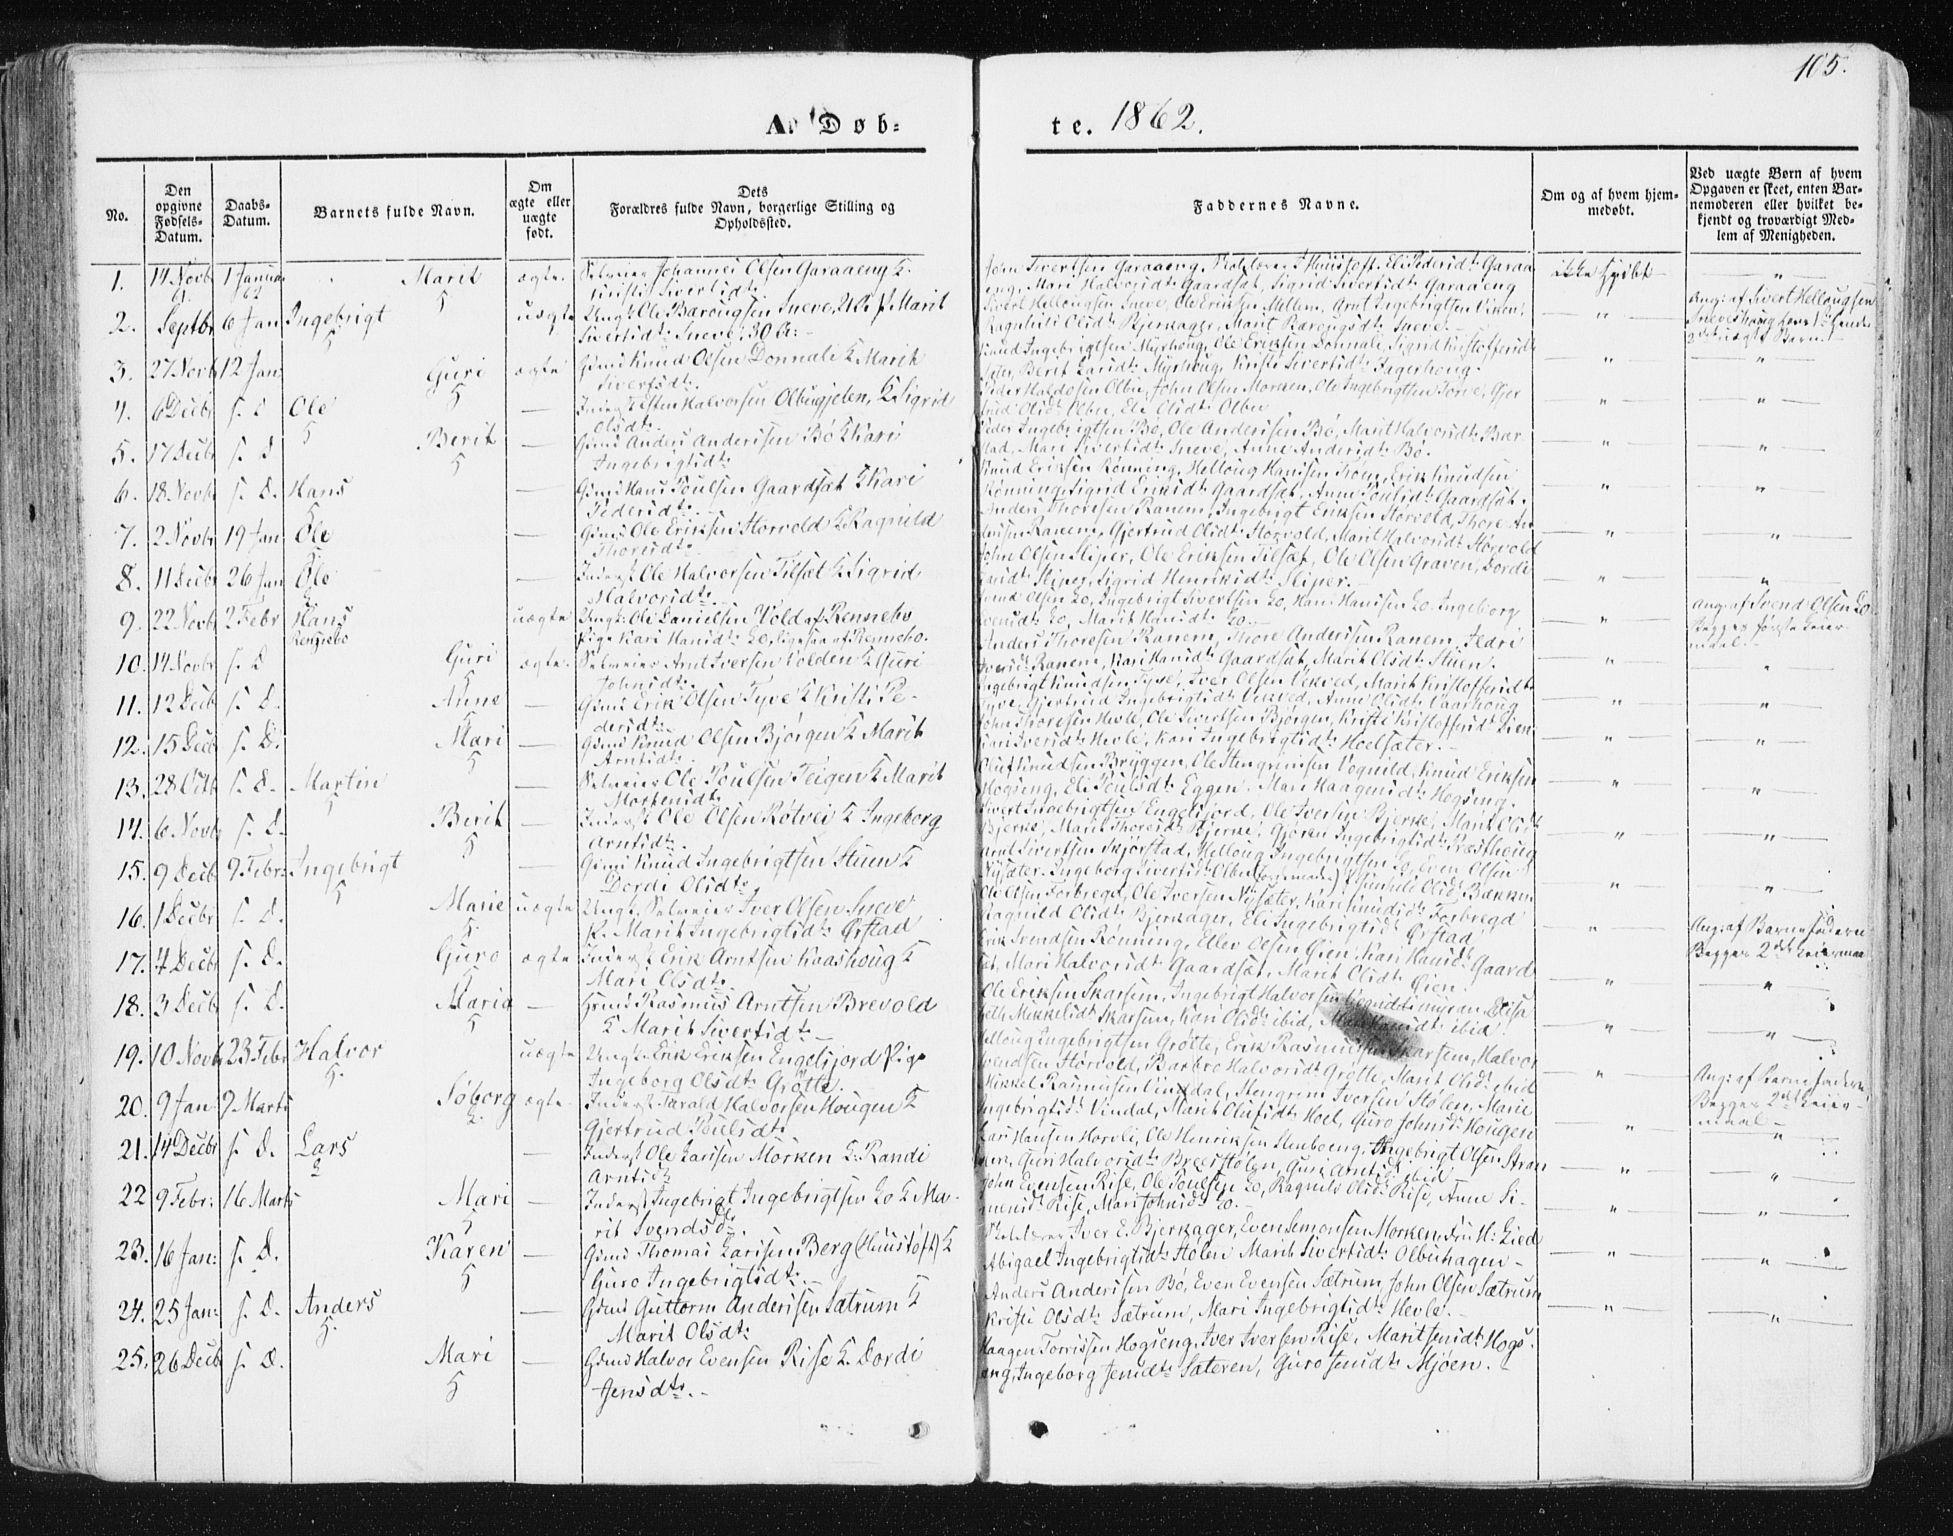 SAT, Ministerialprotokoller, klokkerbøker og fødselsregistre - Sør-Trøndelag, 678/L0899: Ministerialbok nr. 678A08, 1848-1872, s. 105